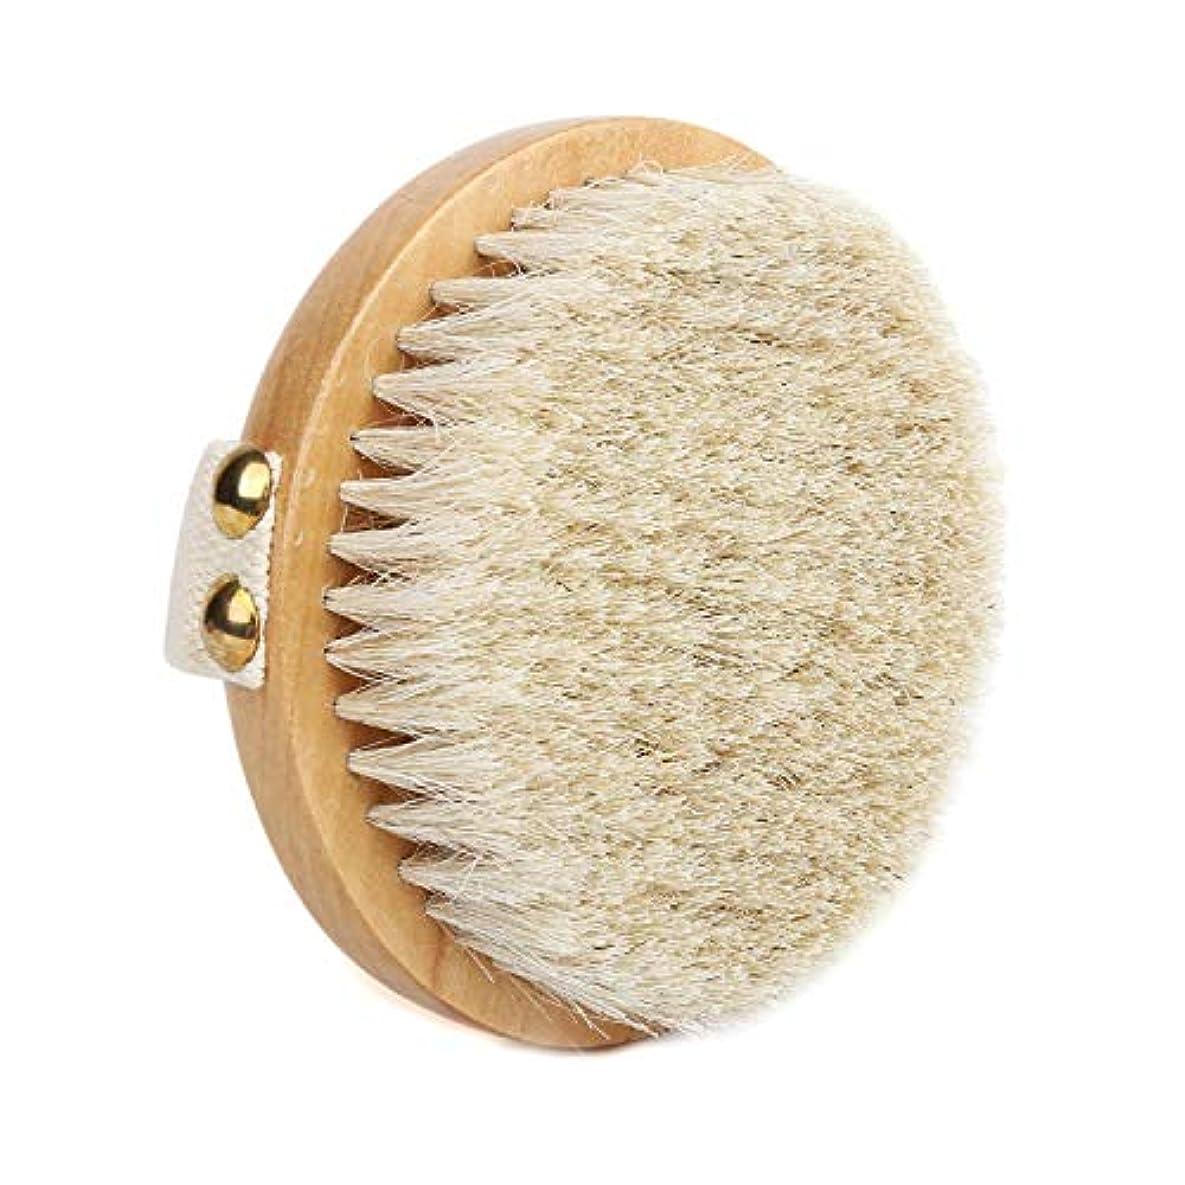 音楽家年齢織機Suyika ボディブラシ 高級な馬毛100% 角質除去 全身マッサージ バス用品 お風呂用 体洗い用品 美肌 柔らかい 天然素材(丸型)